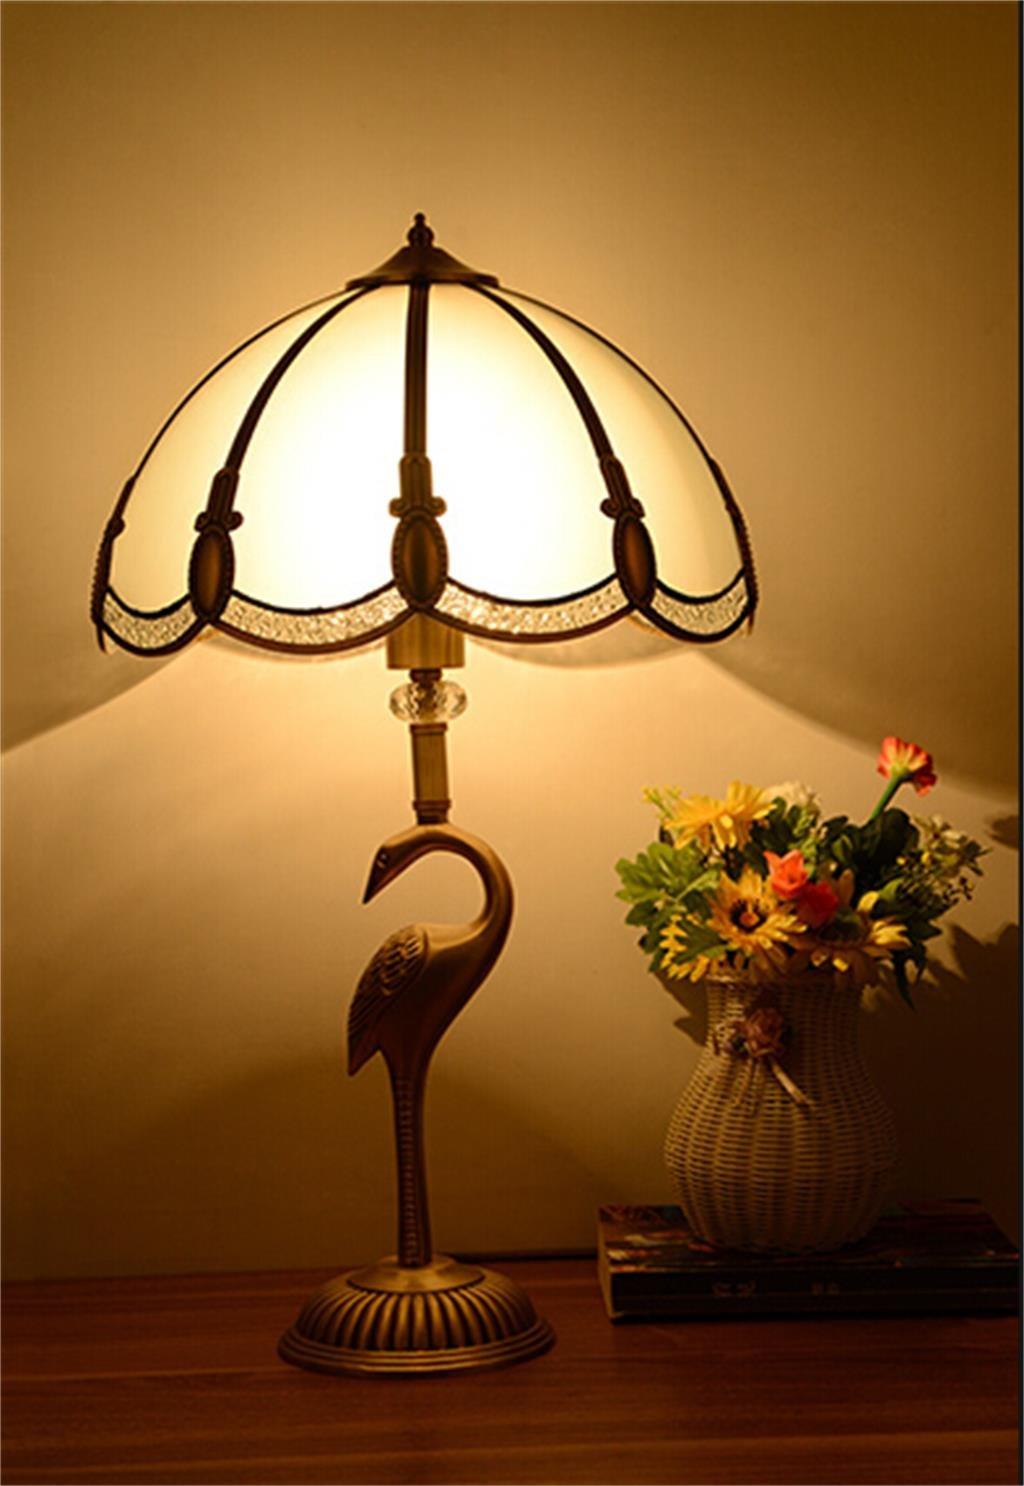 Retro Tischleuchte kontinental warm kreativ Salon Schlafzimmer Kupferlampen einfach Kunst Klassik Nachttischlampe